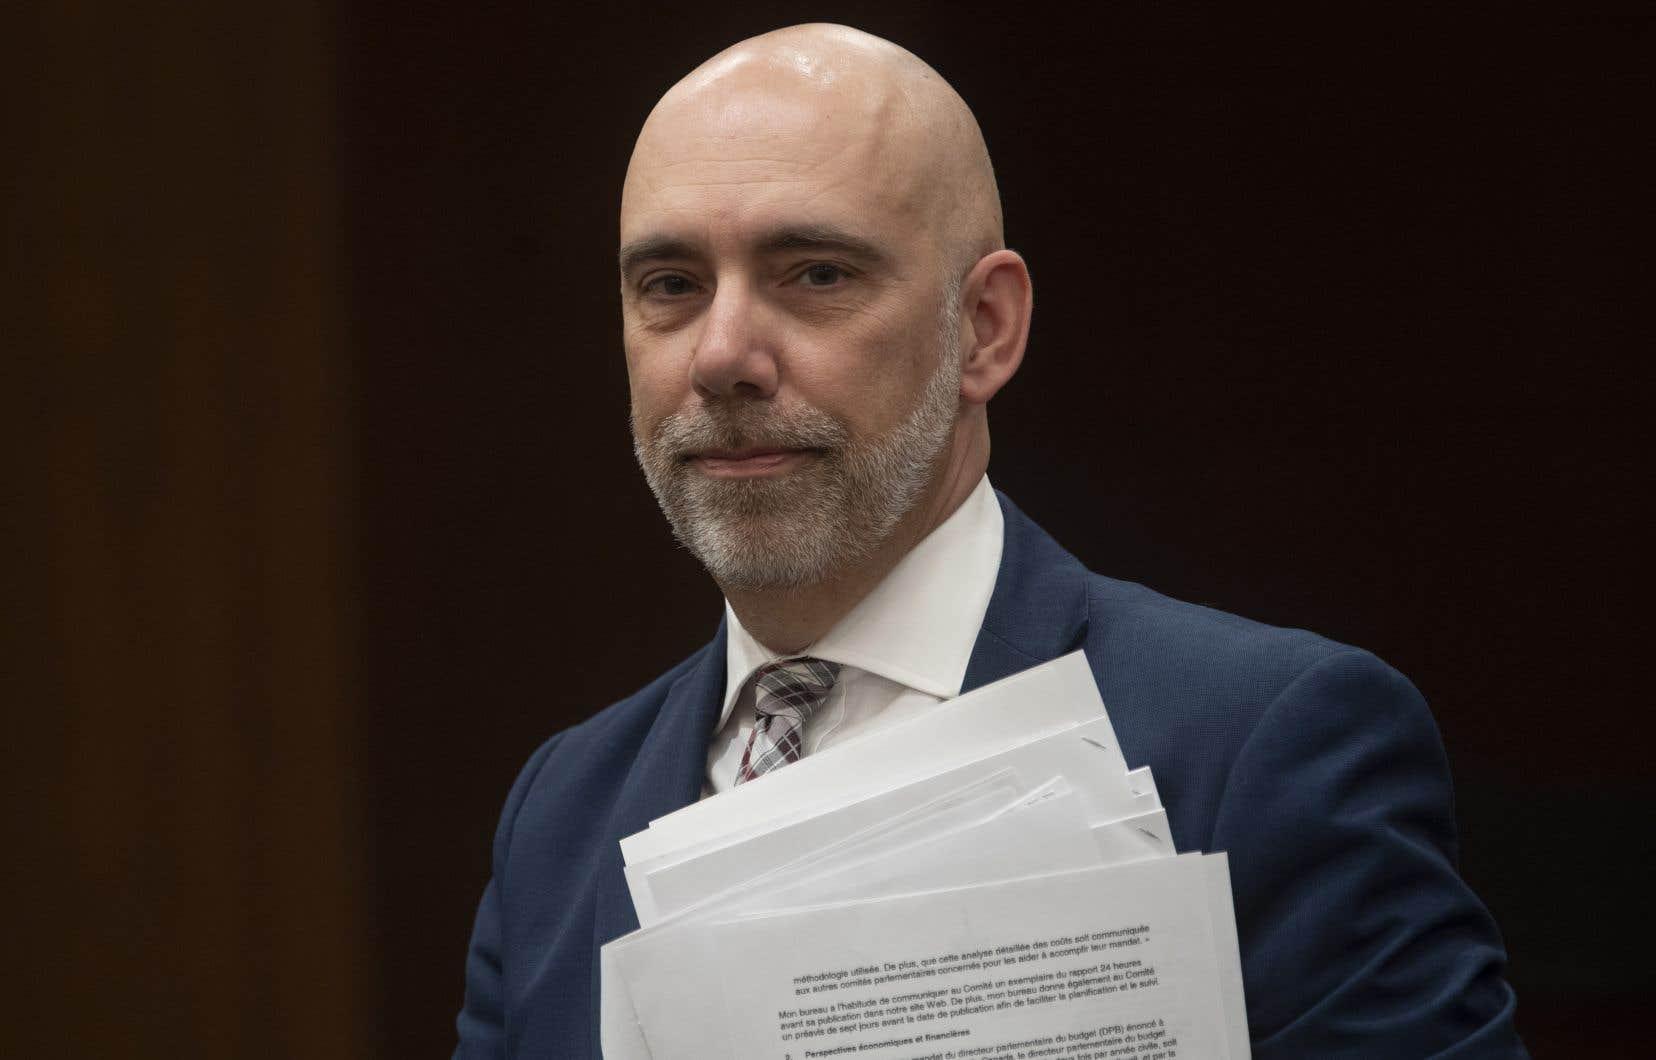 Le directeur parlementaire du budget, Yves Giroux, a présenté mardi trois estimations, à partir de scénarios qui réduisent progressivement la prestation de 0,50$, de 0,25$ et de 0,15$ pour chaque dollar de revenu d'emploi, pour les six derniers mois de l'exercice 2020-2021.